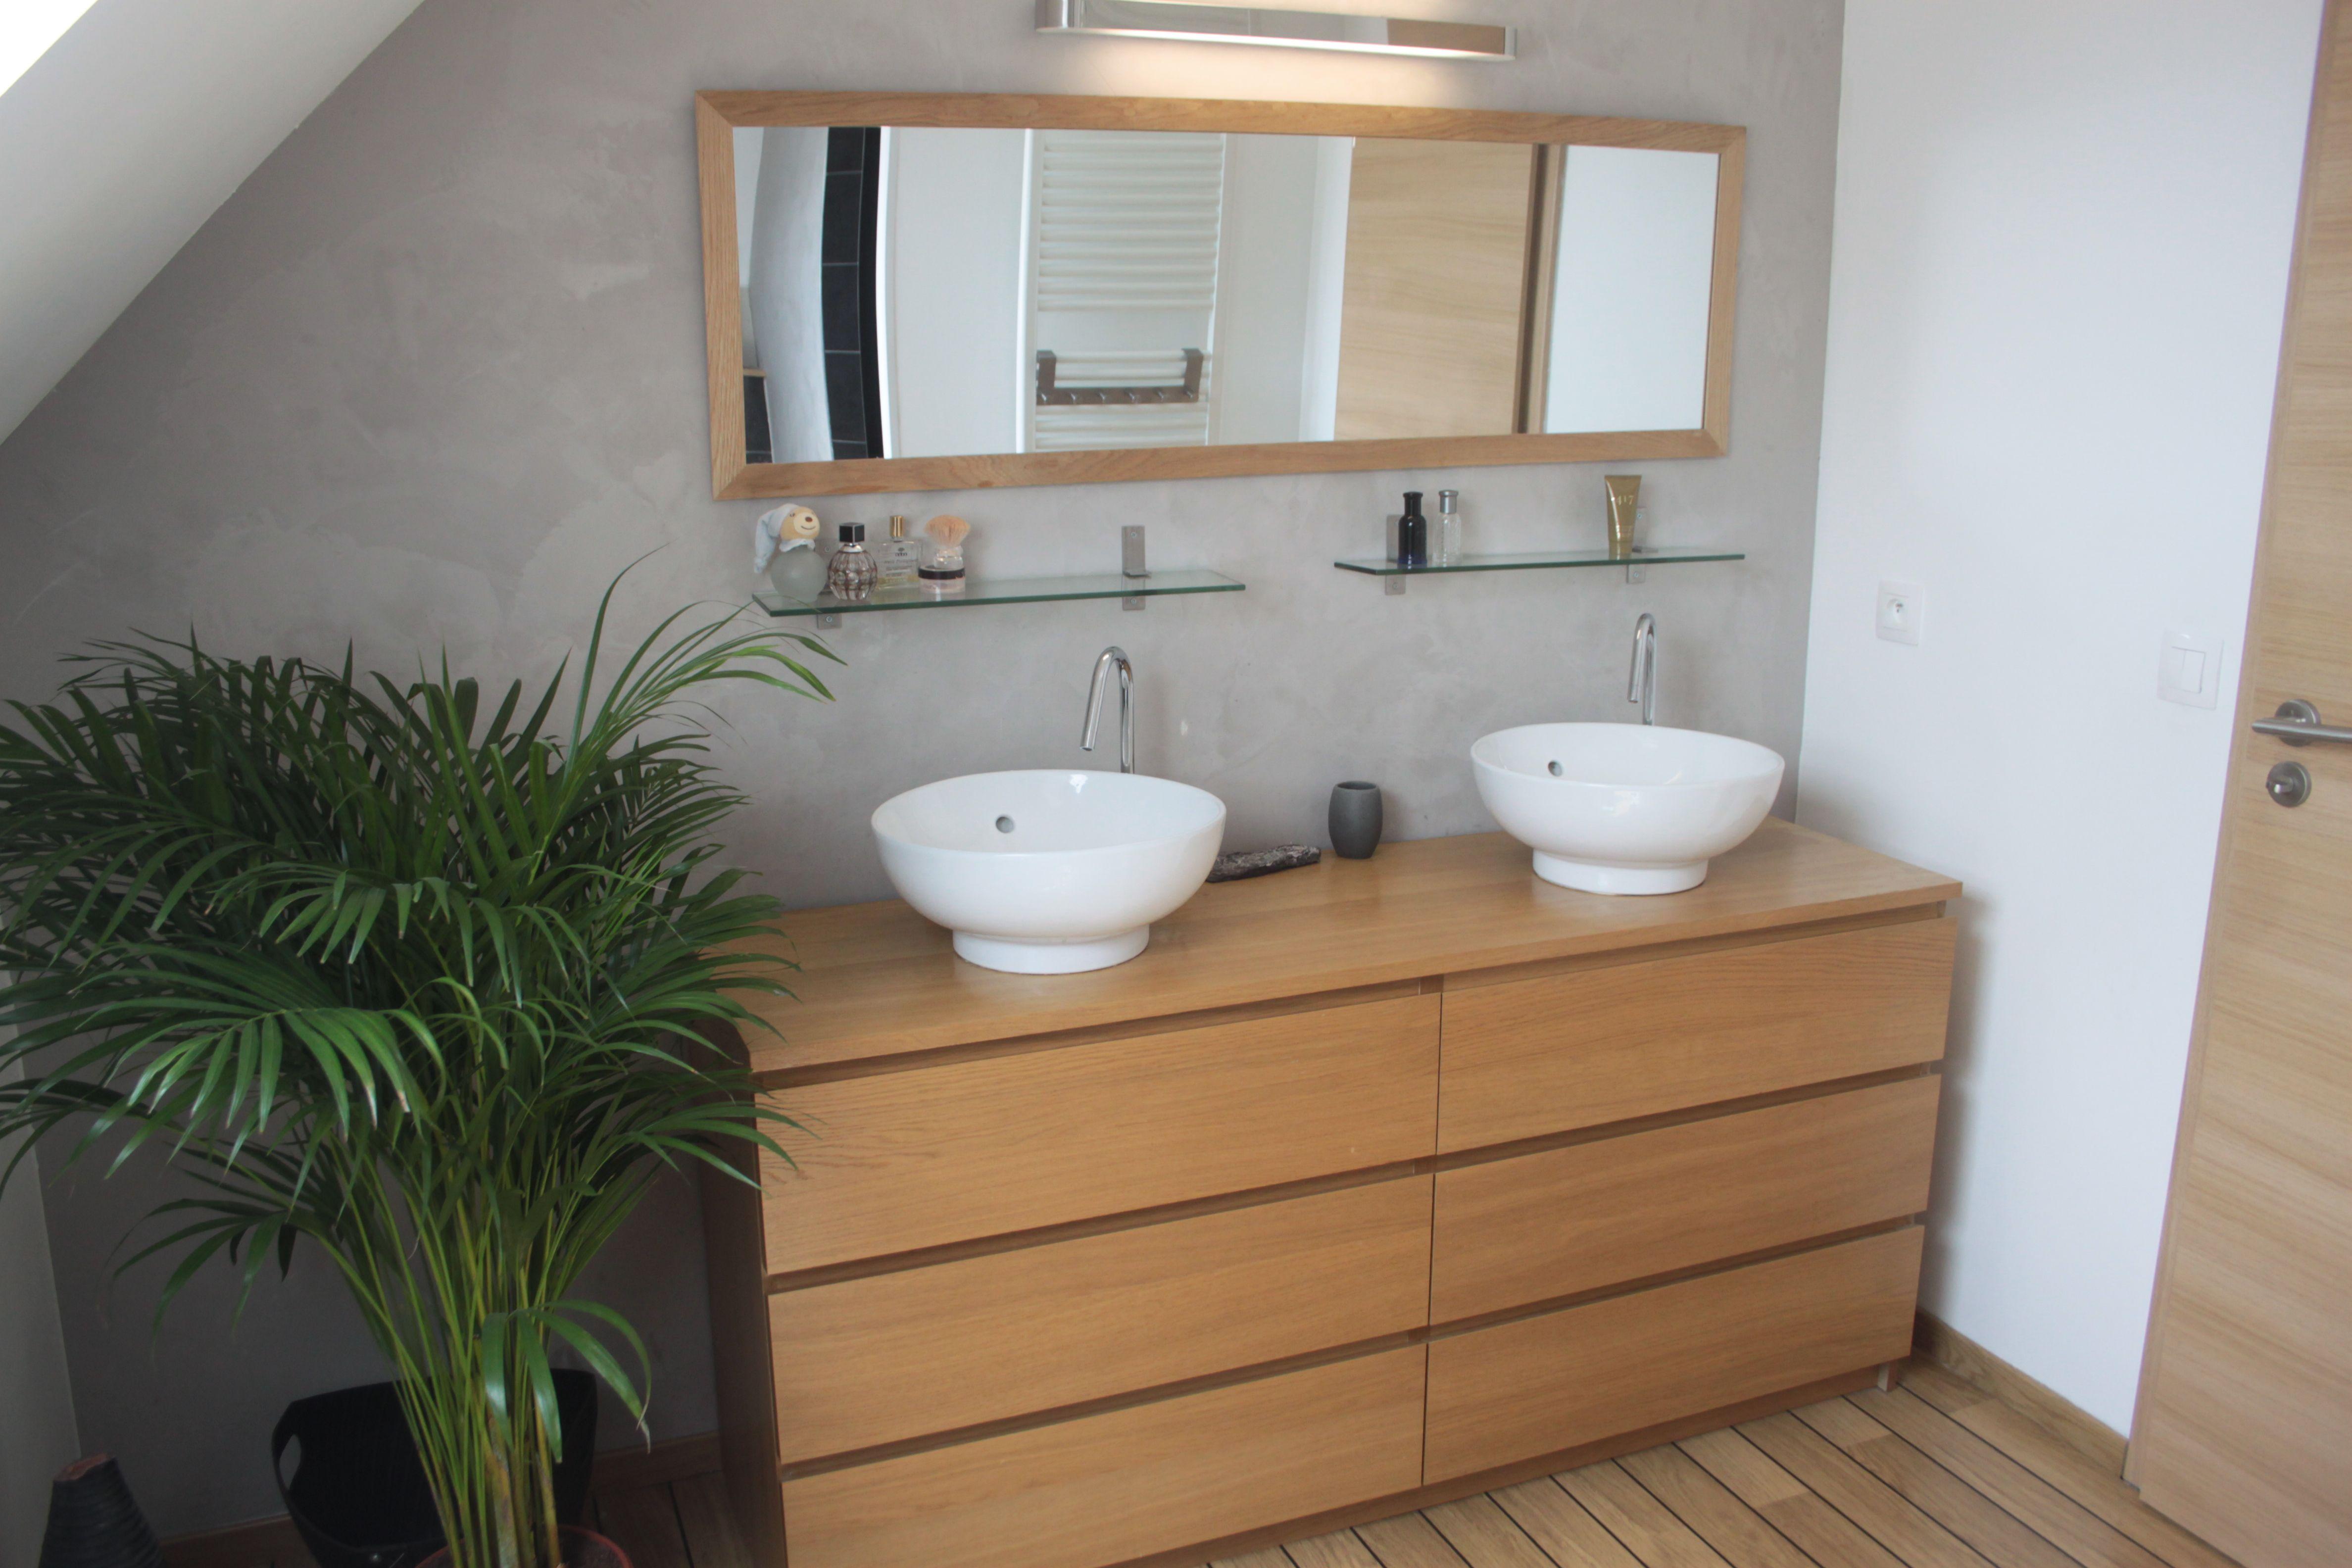 Commode Malm Ikea Detournee En Meuble De Salle De Bains Double Vasque Salle De Bain Design Meuble Sous Vasque Meuble Salle De Bain